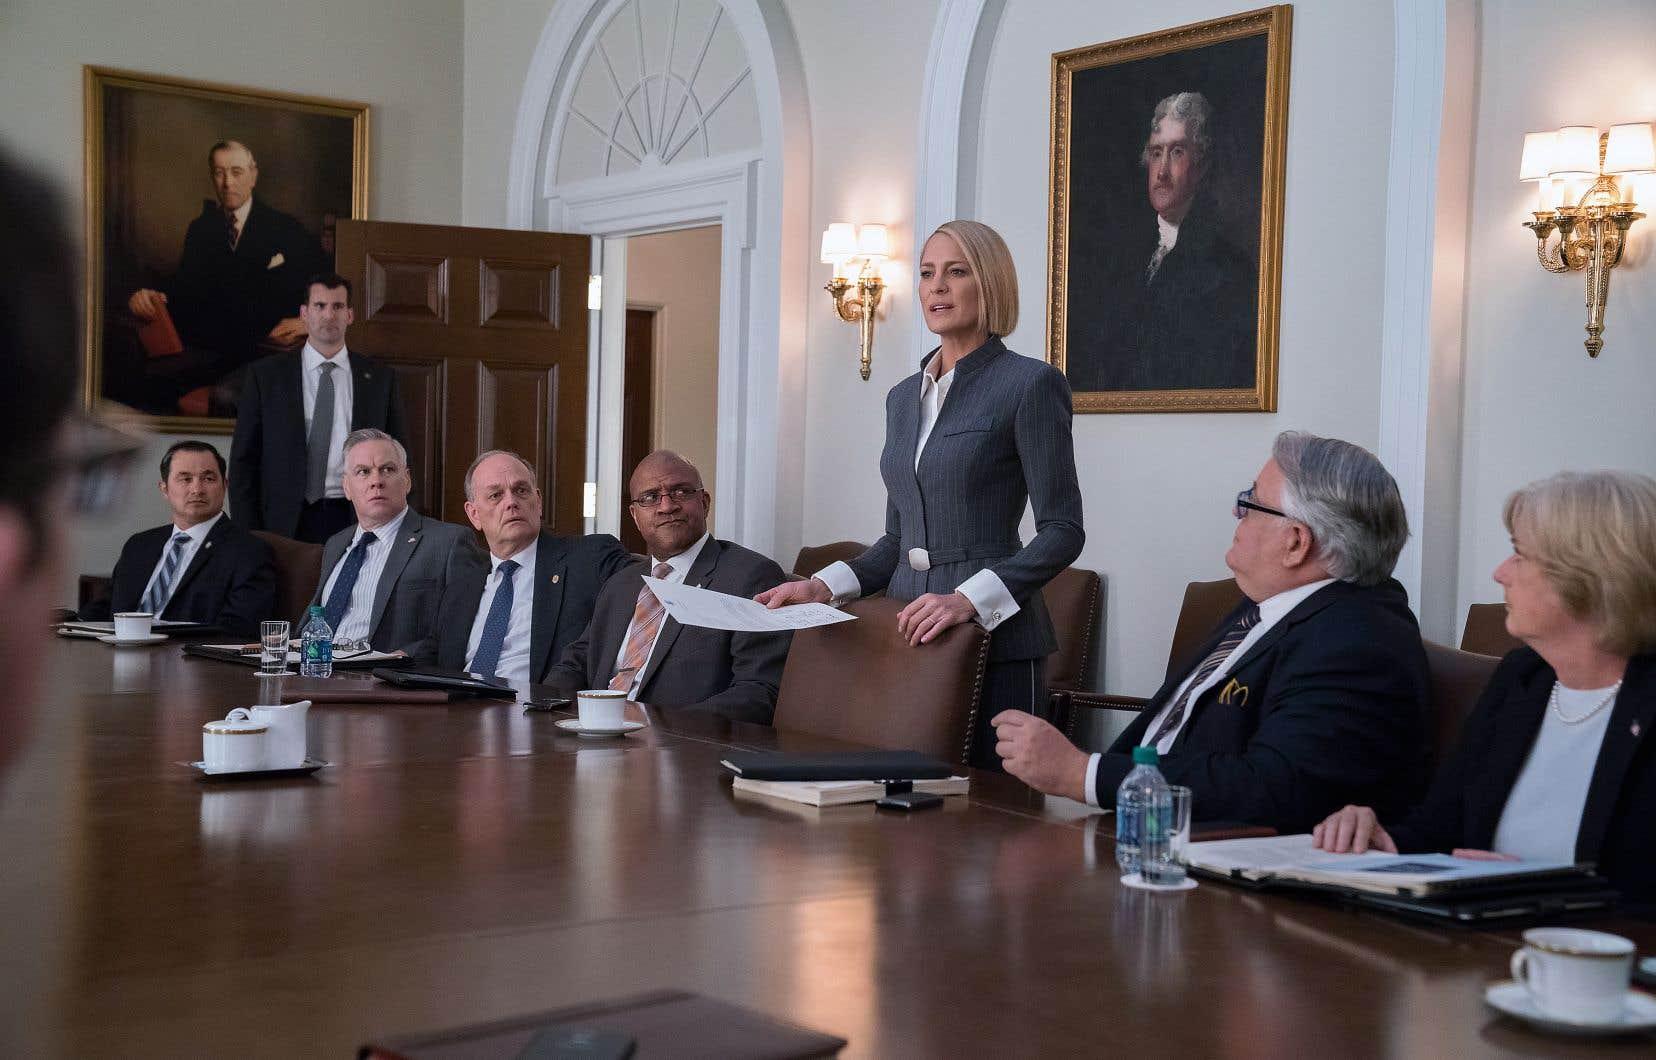 Même si Claire Underwood dirige désormais les États-Unis, elle se heurte constamment aux blocages des hommes.